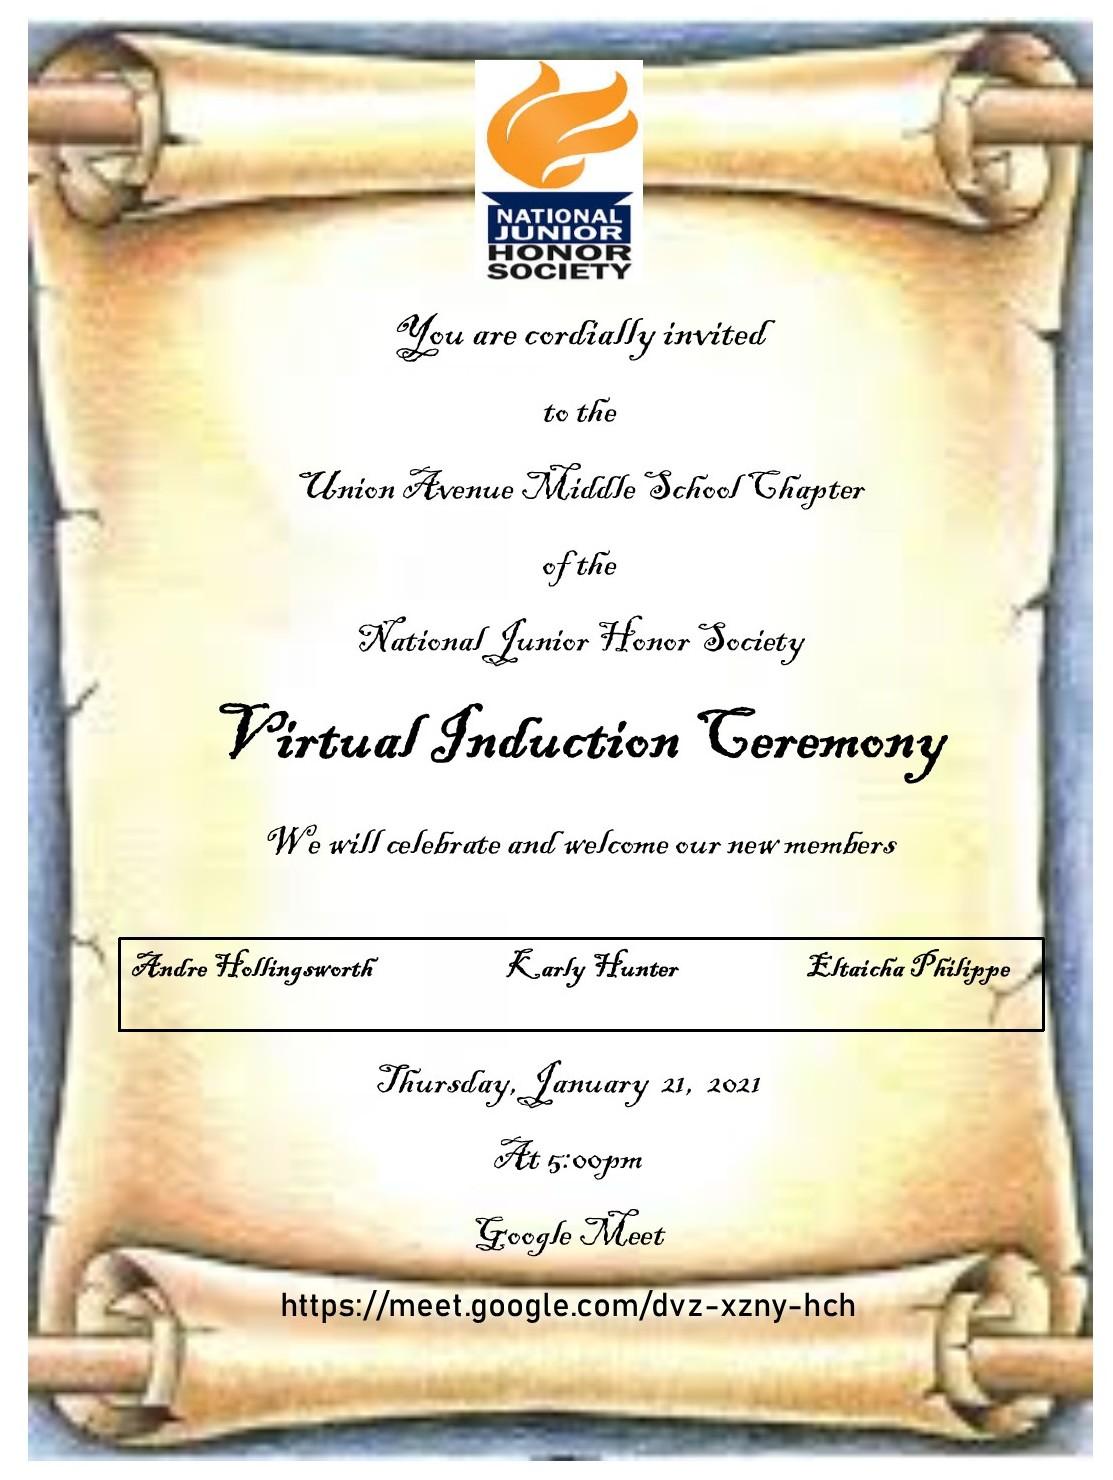 20-21 NJHS Invitation Virtual